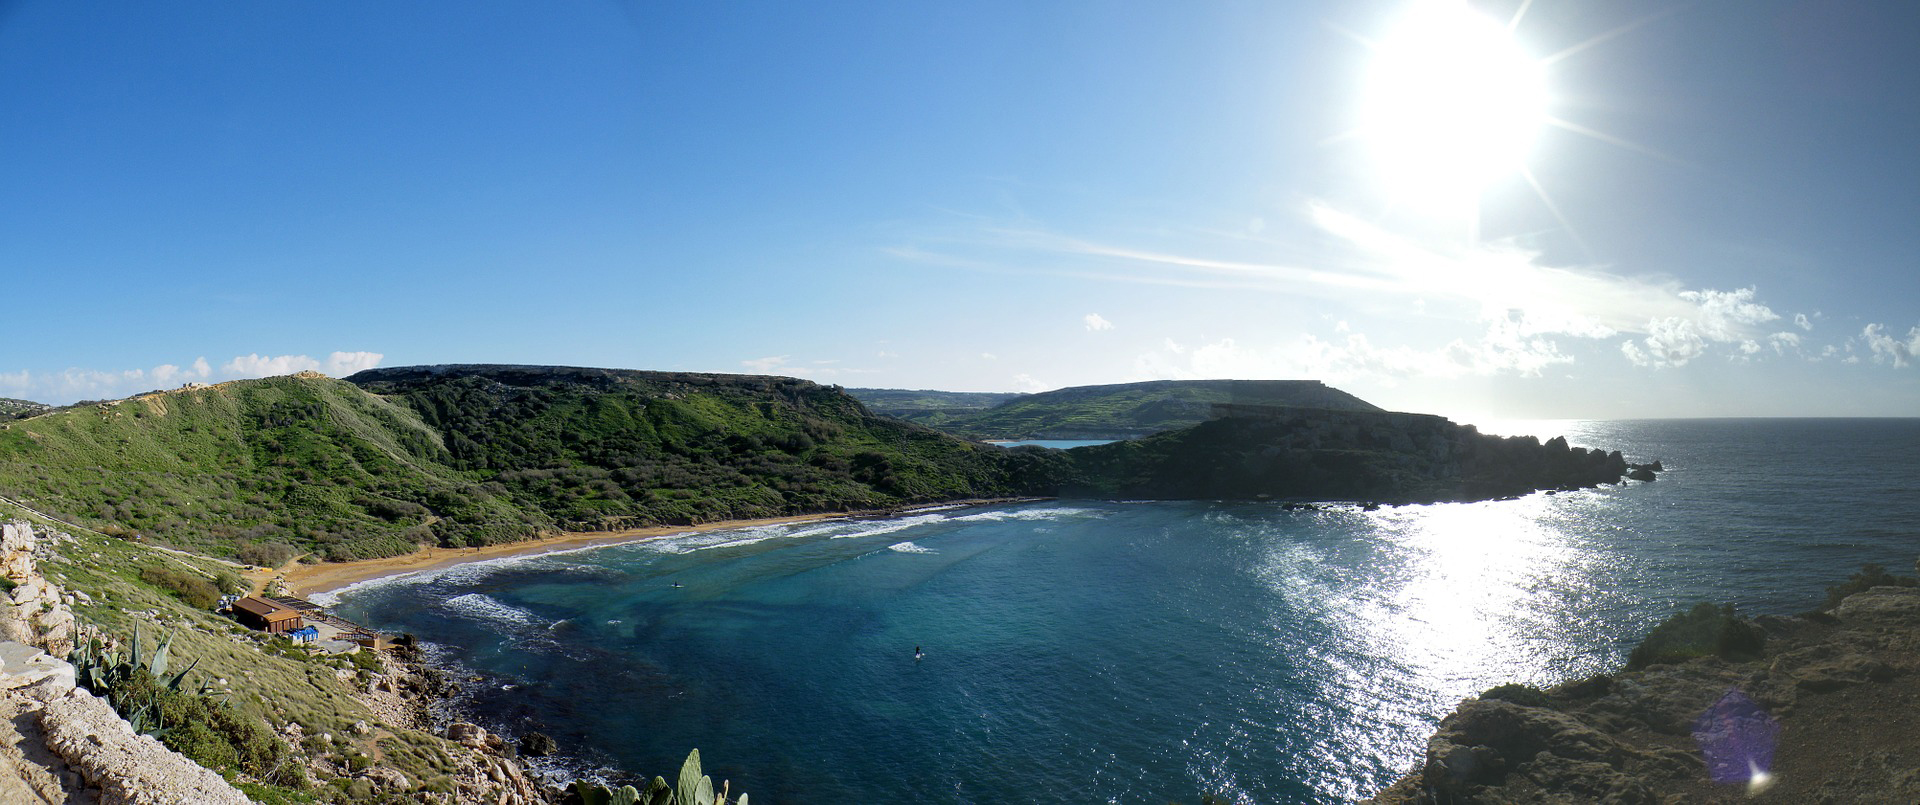 Le spiagge più belle di Malta, Gozo e Comino - Ghajn Tuffieha